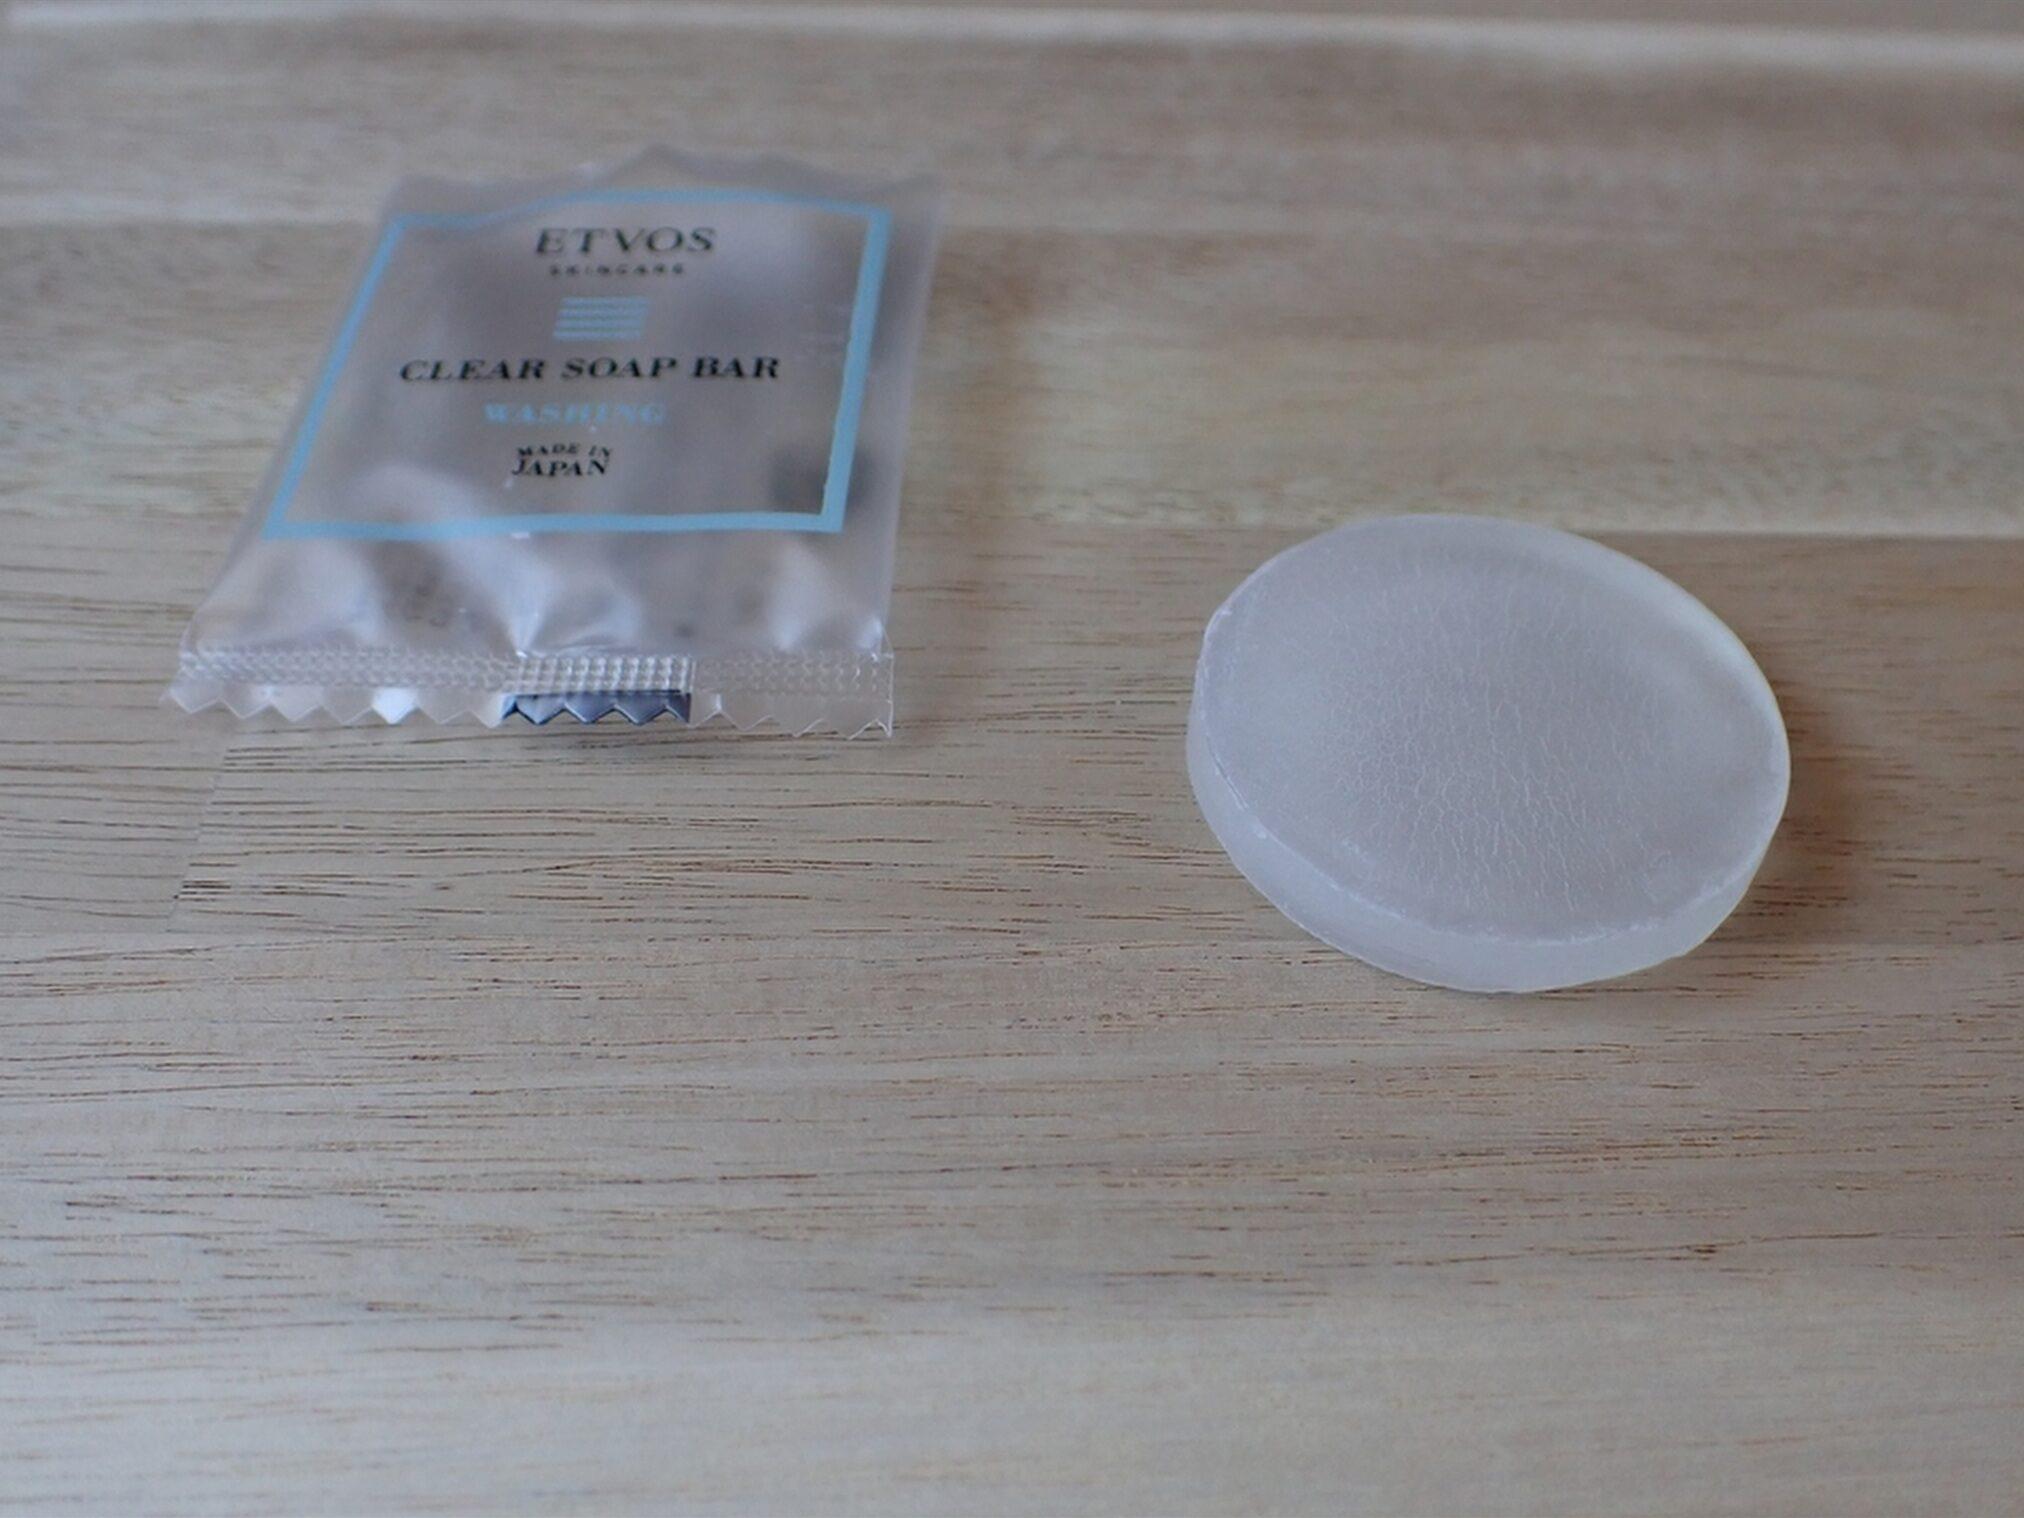 エトヴォス パーフェクトキット クリアソープバー 5g 普段の洗顔にも、ETVOSのミネラルファンデーションのクレンジングにも使えます